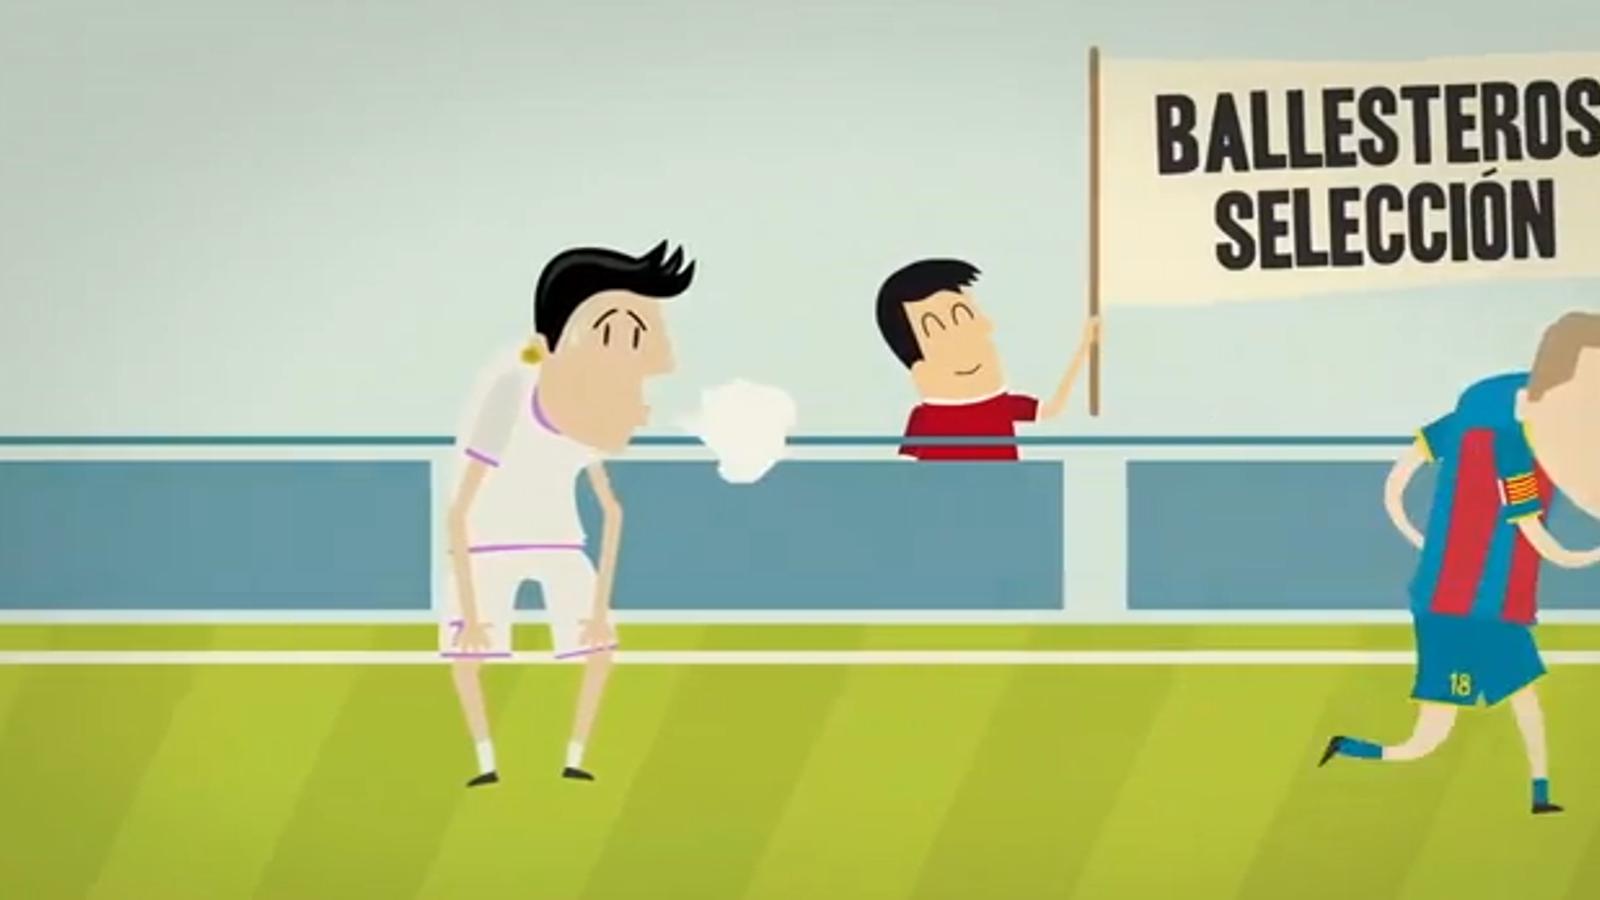 El Llevant busca nous abonats amb un vídeo on recorden el dia que Ballesteros va ser més ràpid que Cristiano